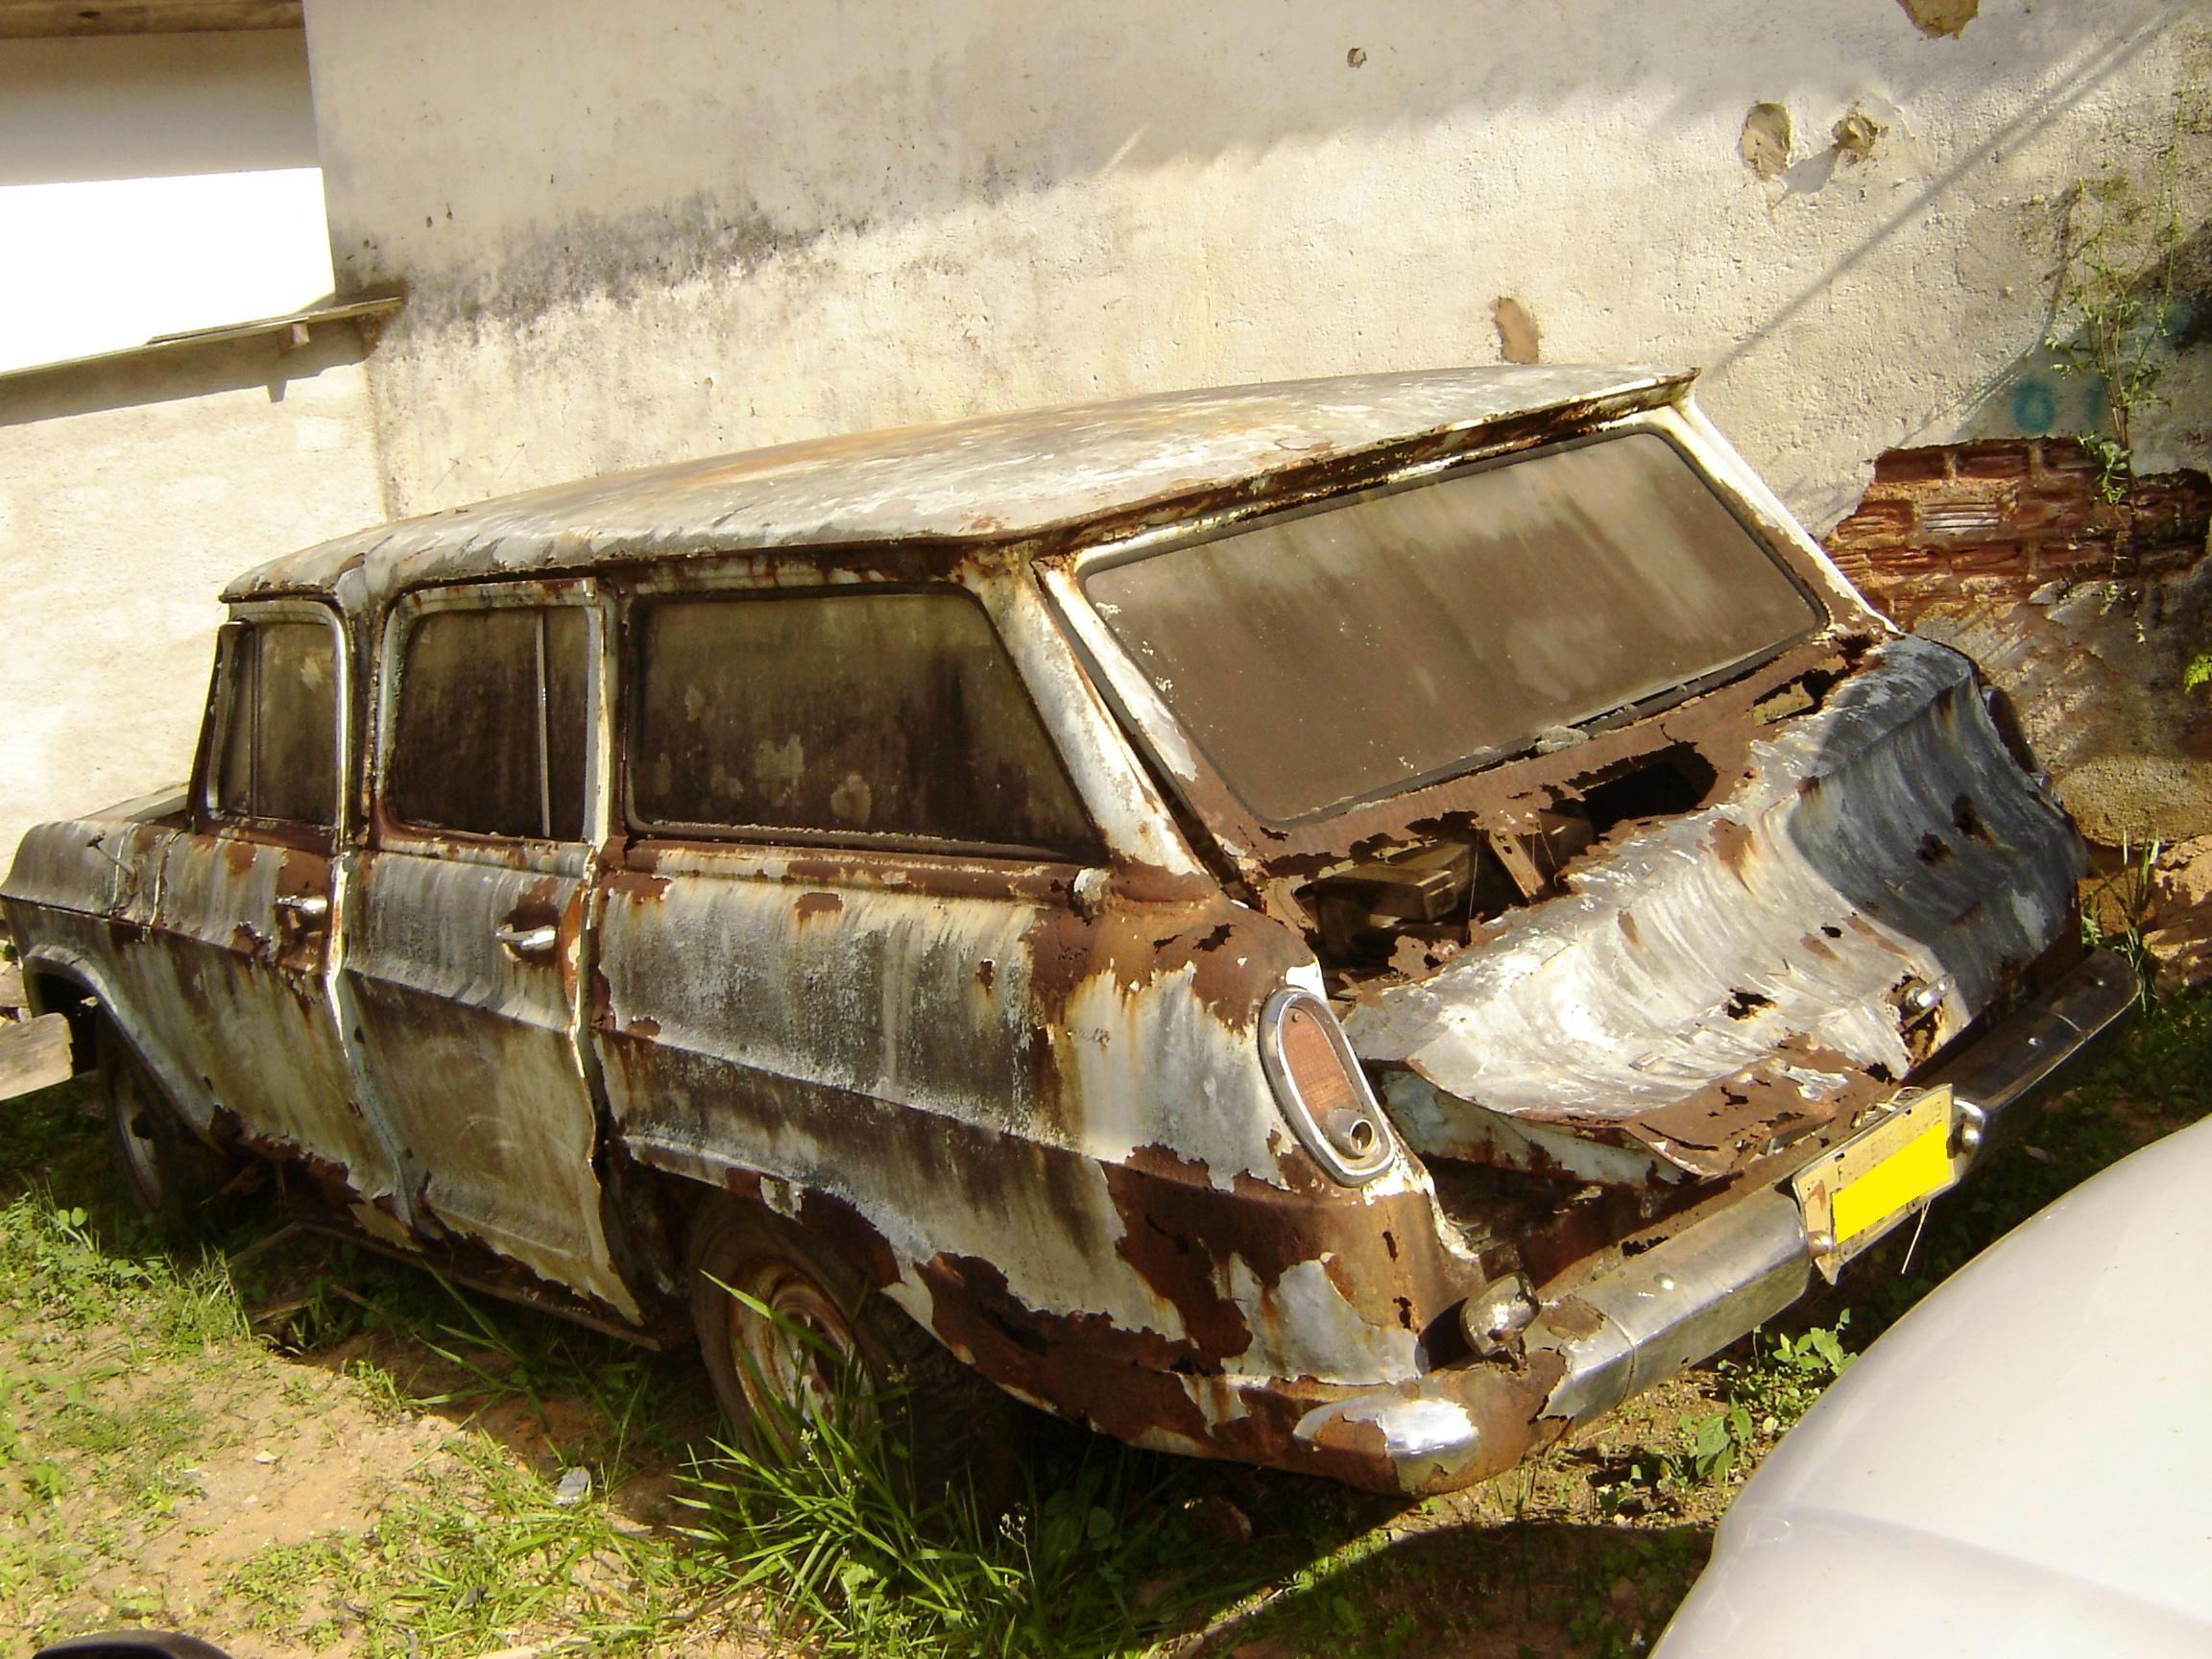 chevrolet_veraneio_1969_3 Chevrolet Veraneio 1969